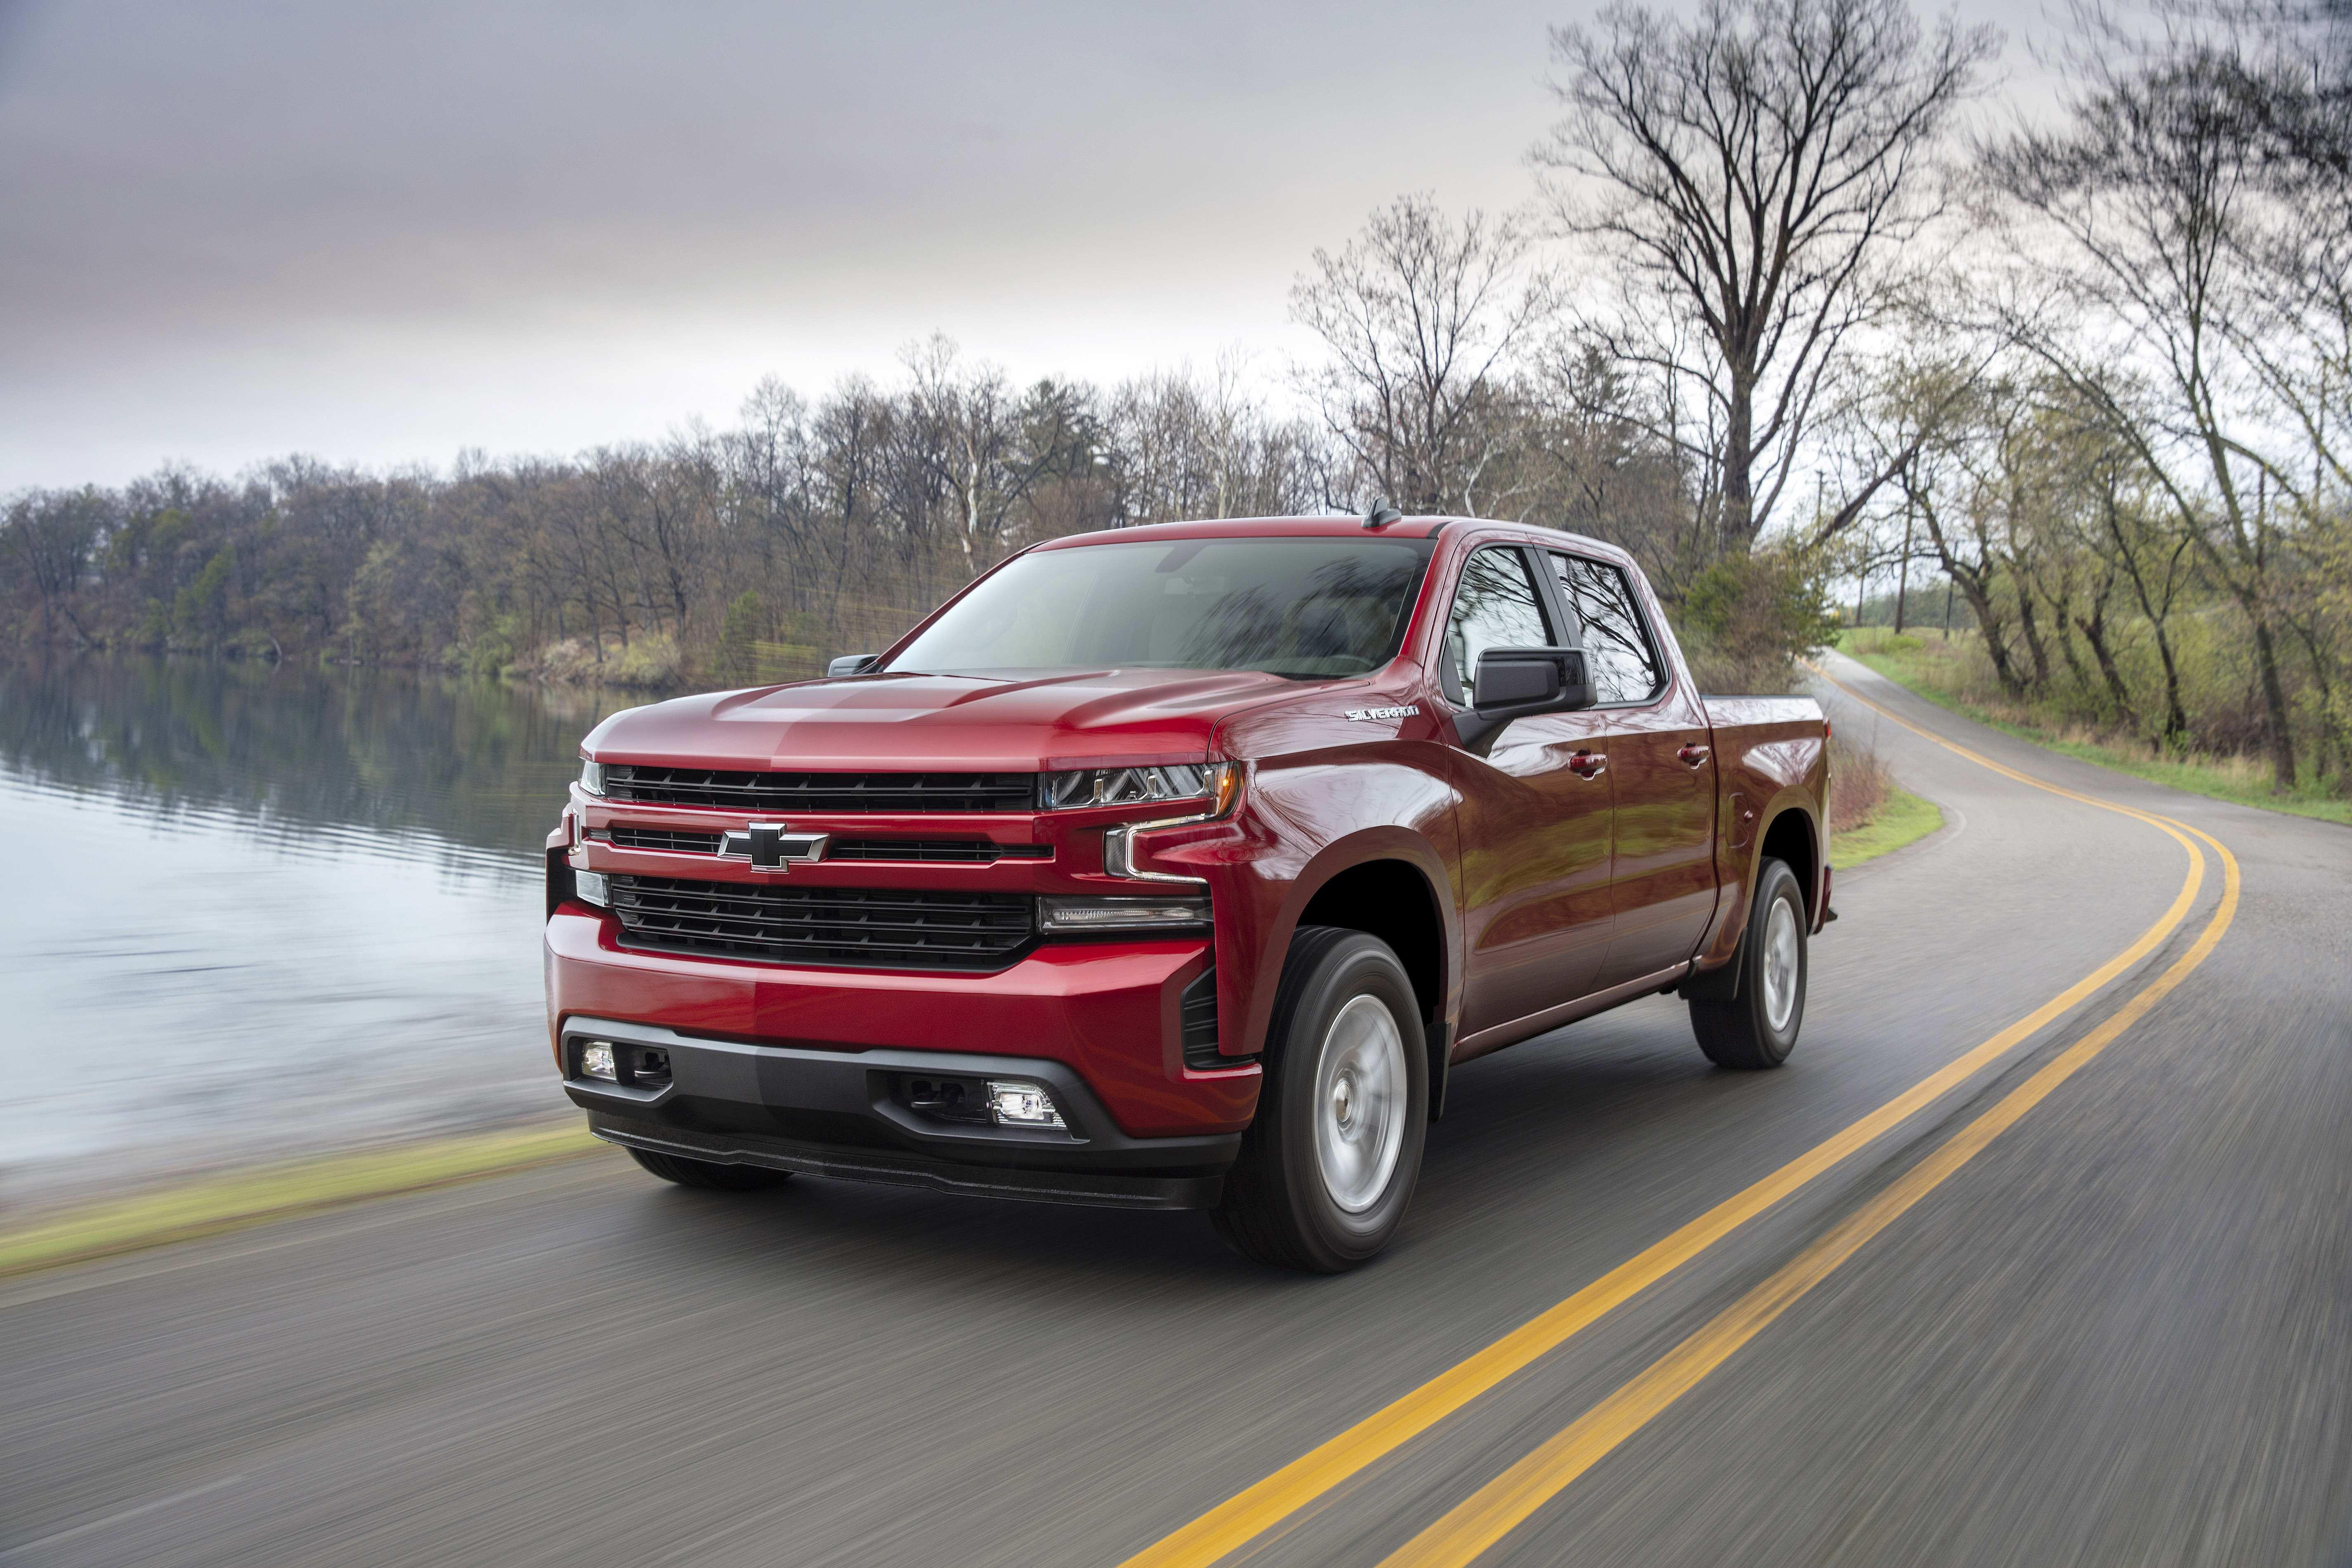 79 New 2019 Chevrolet 1500 Redesign for 2019 Chevrolet 1500